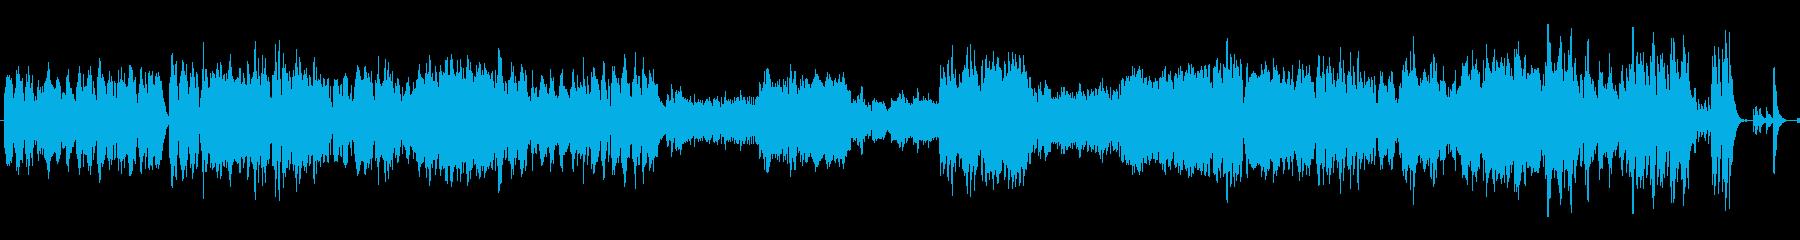 ワルツ 第4番 ピアノ+オケ版の再生済みの波形